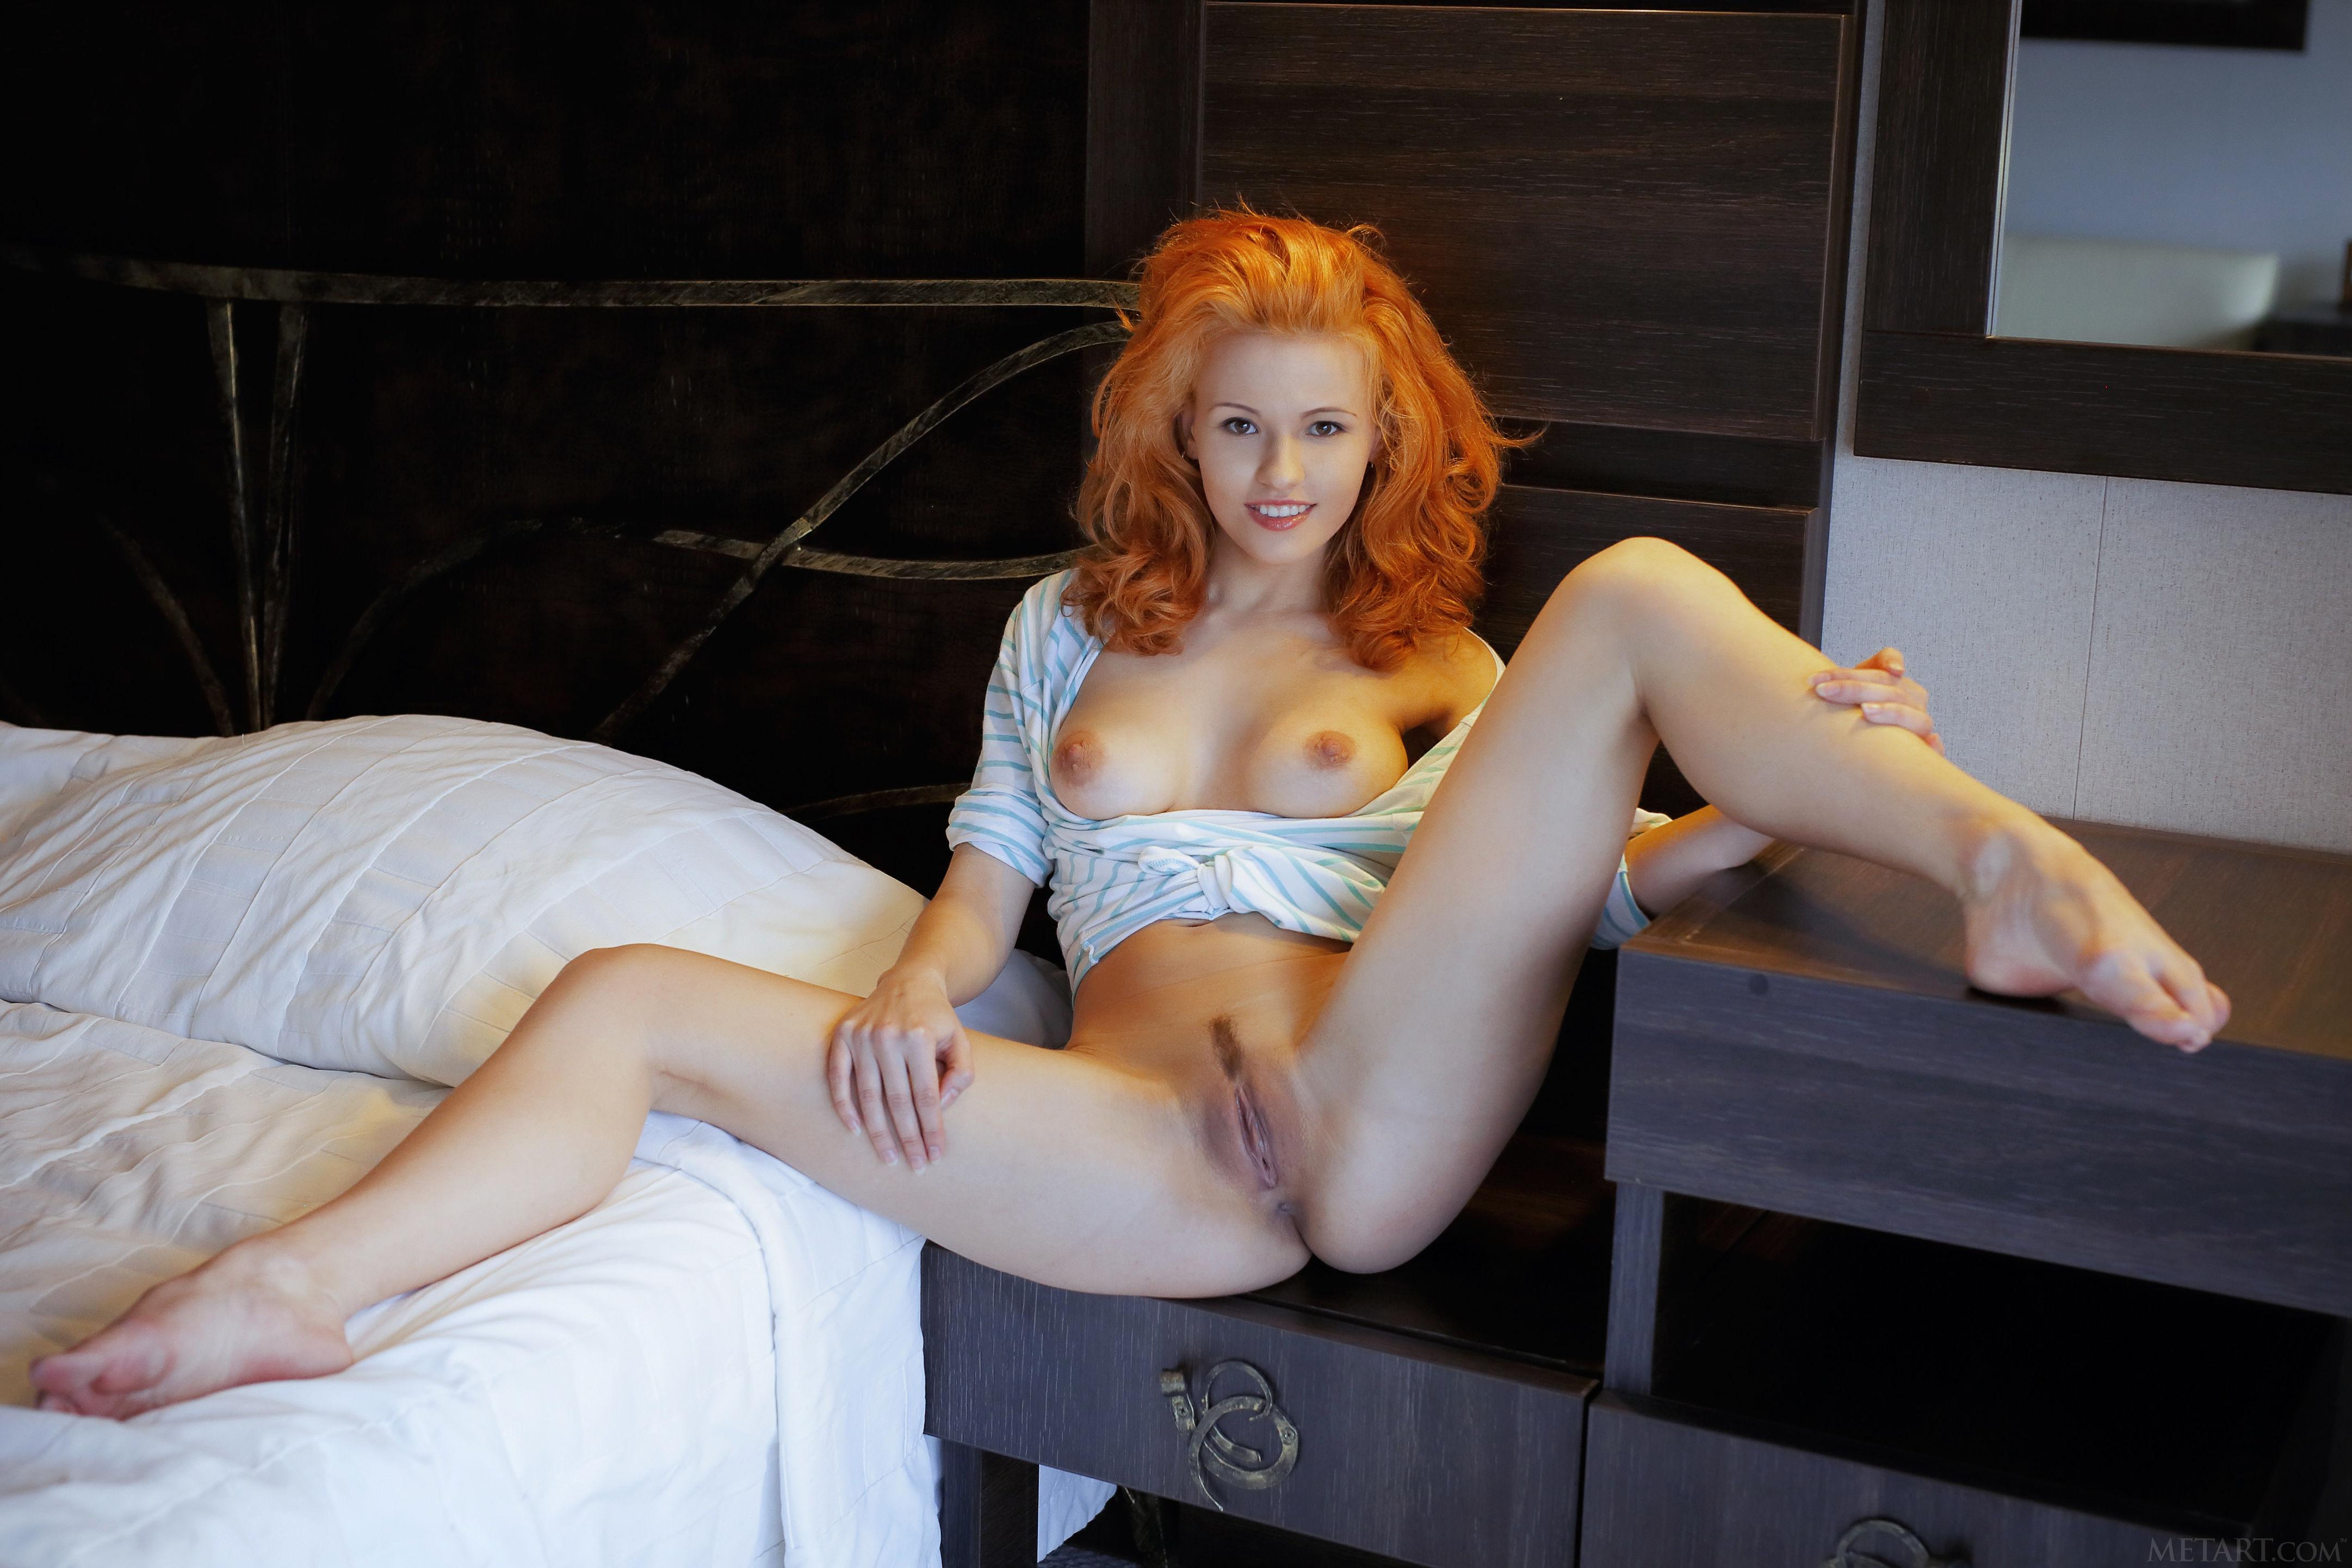 Wmp Porn 97